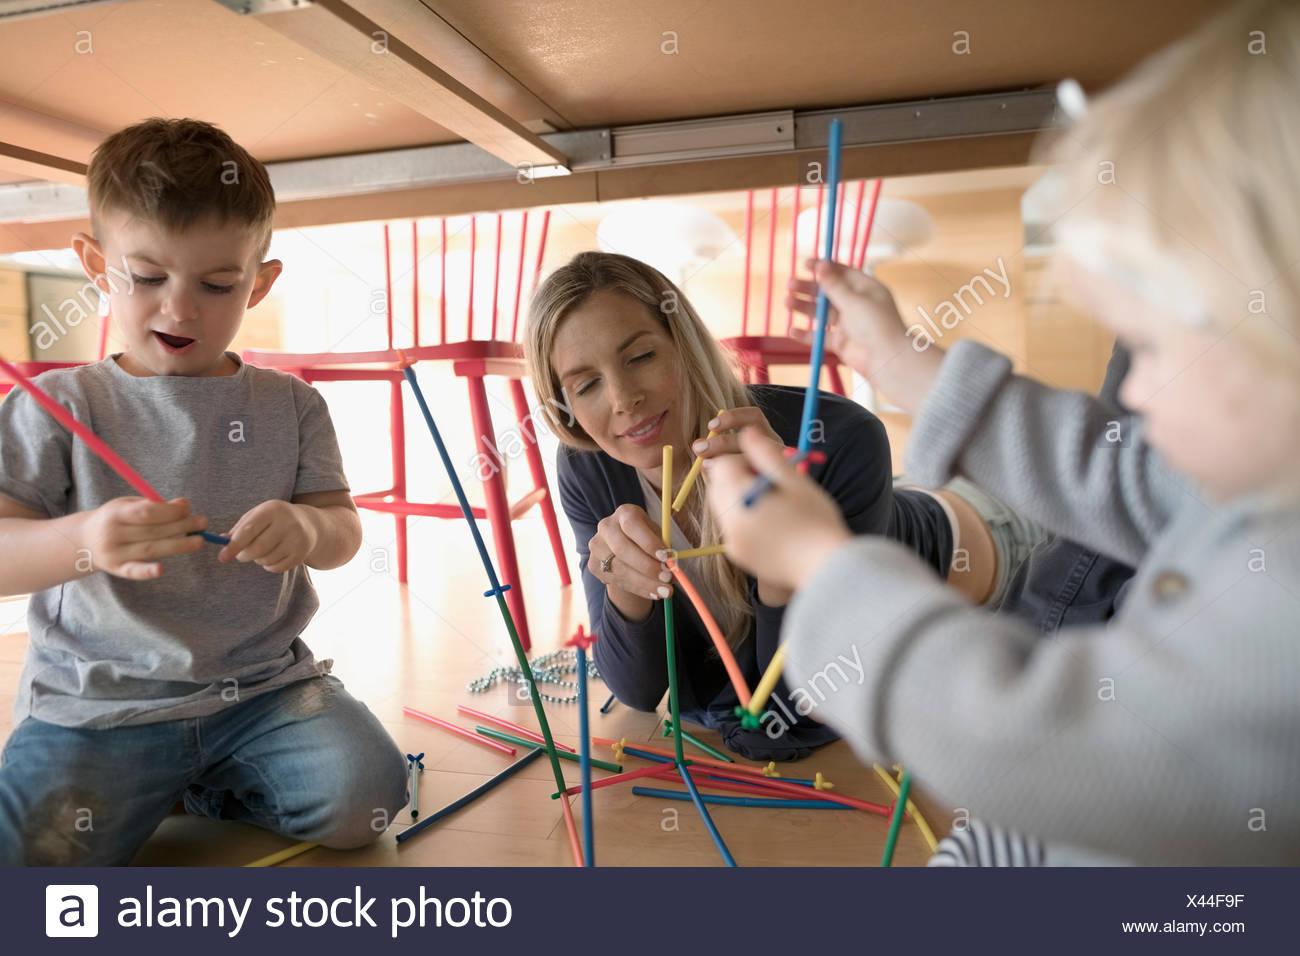 La madre e il bambino bambini che giocano con i bastoni del connettore sotto la tabella Immagini Stock